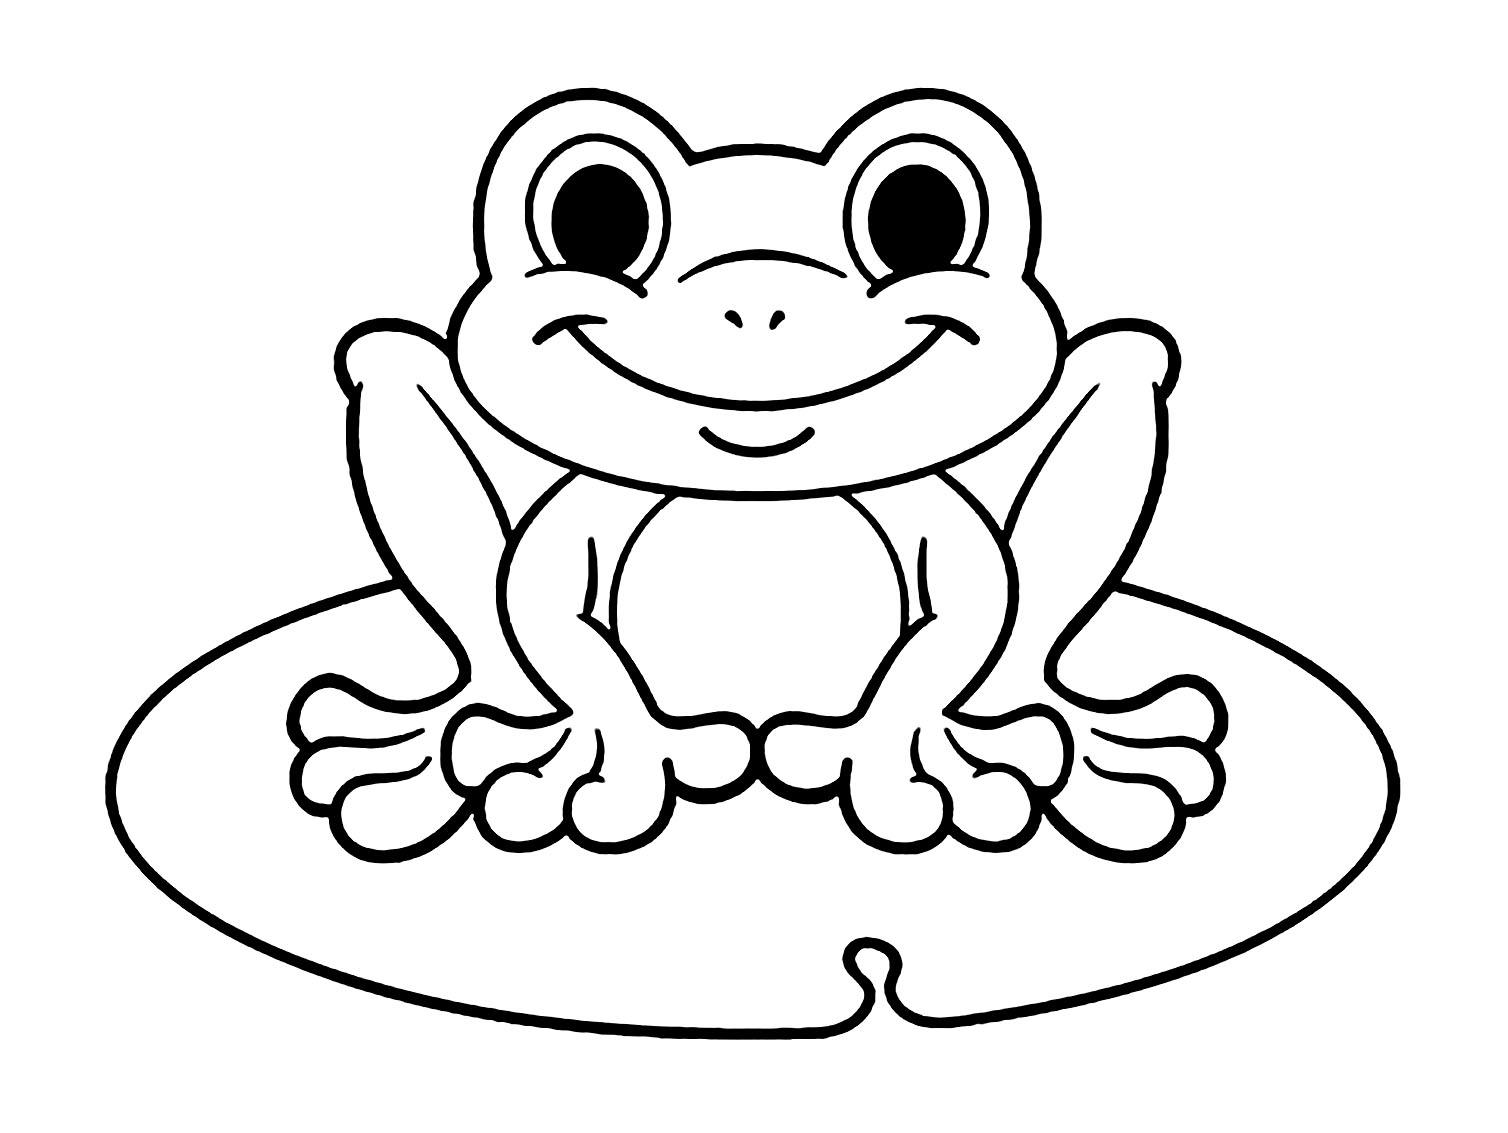 Coloriage de grenouille à imprimer - Coloriage de Grenouilles - Coloriages pour enfants